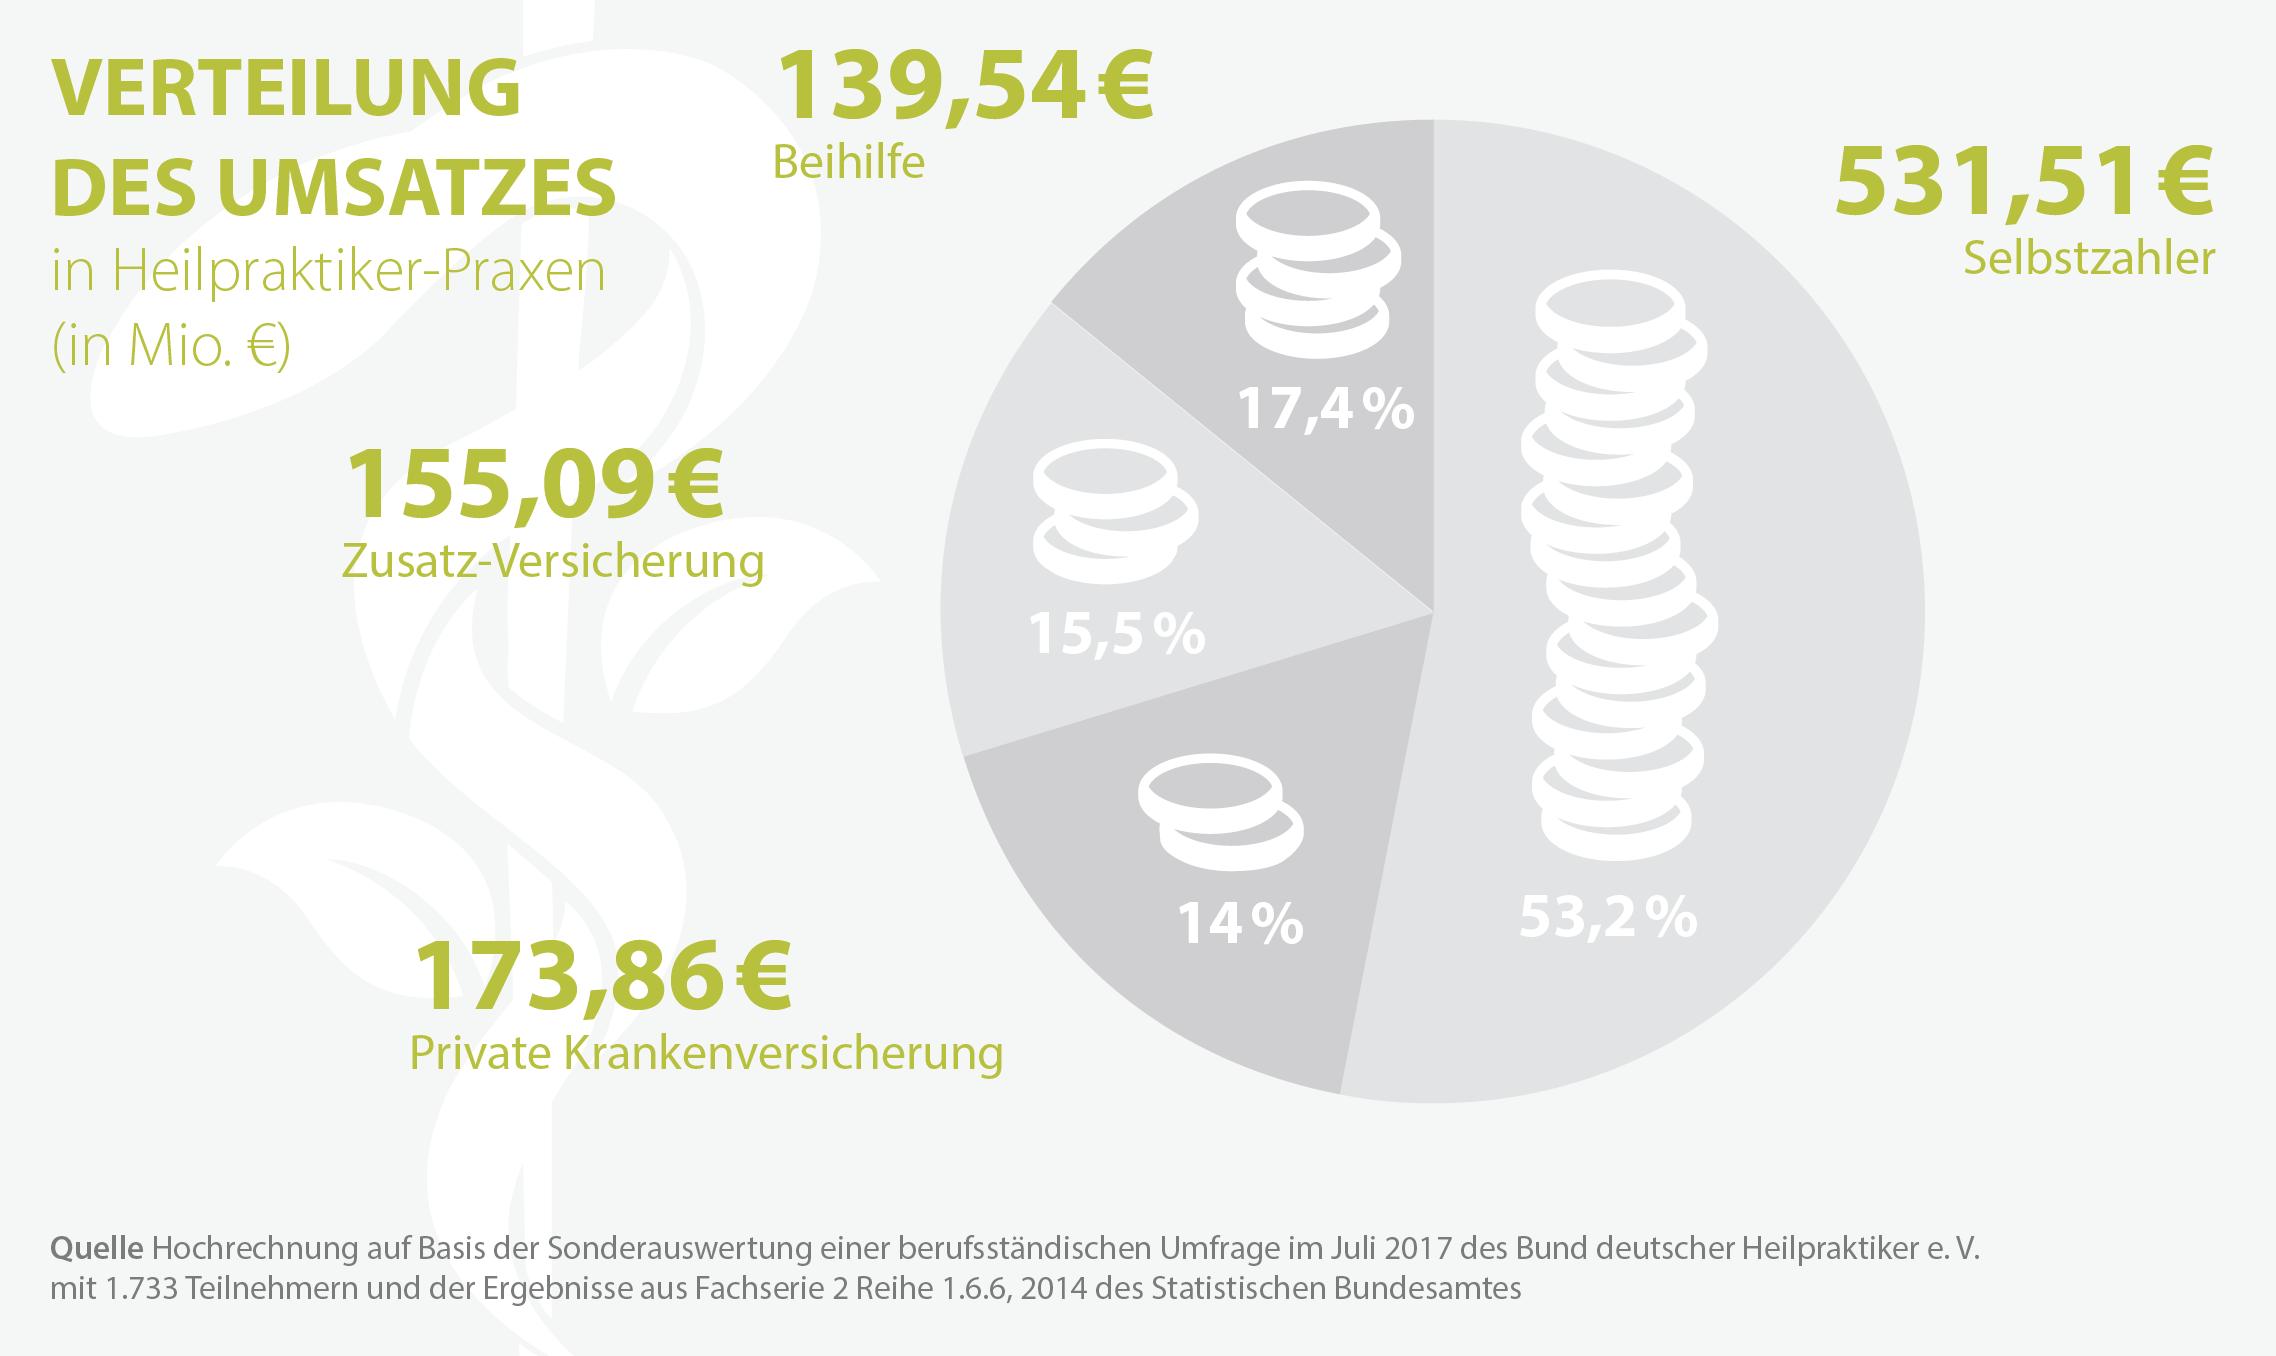 Verteilung des Umsatzes in deutschen Heilpraktiker-Praxen